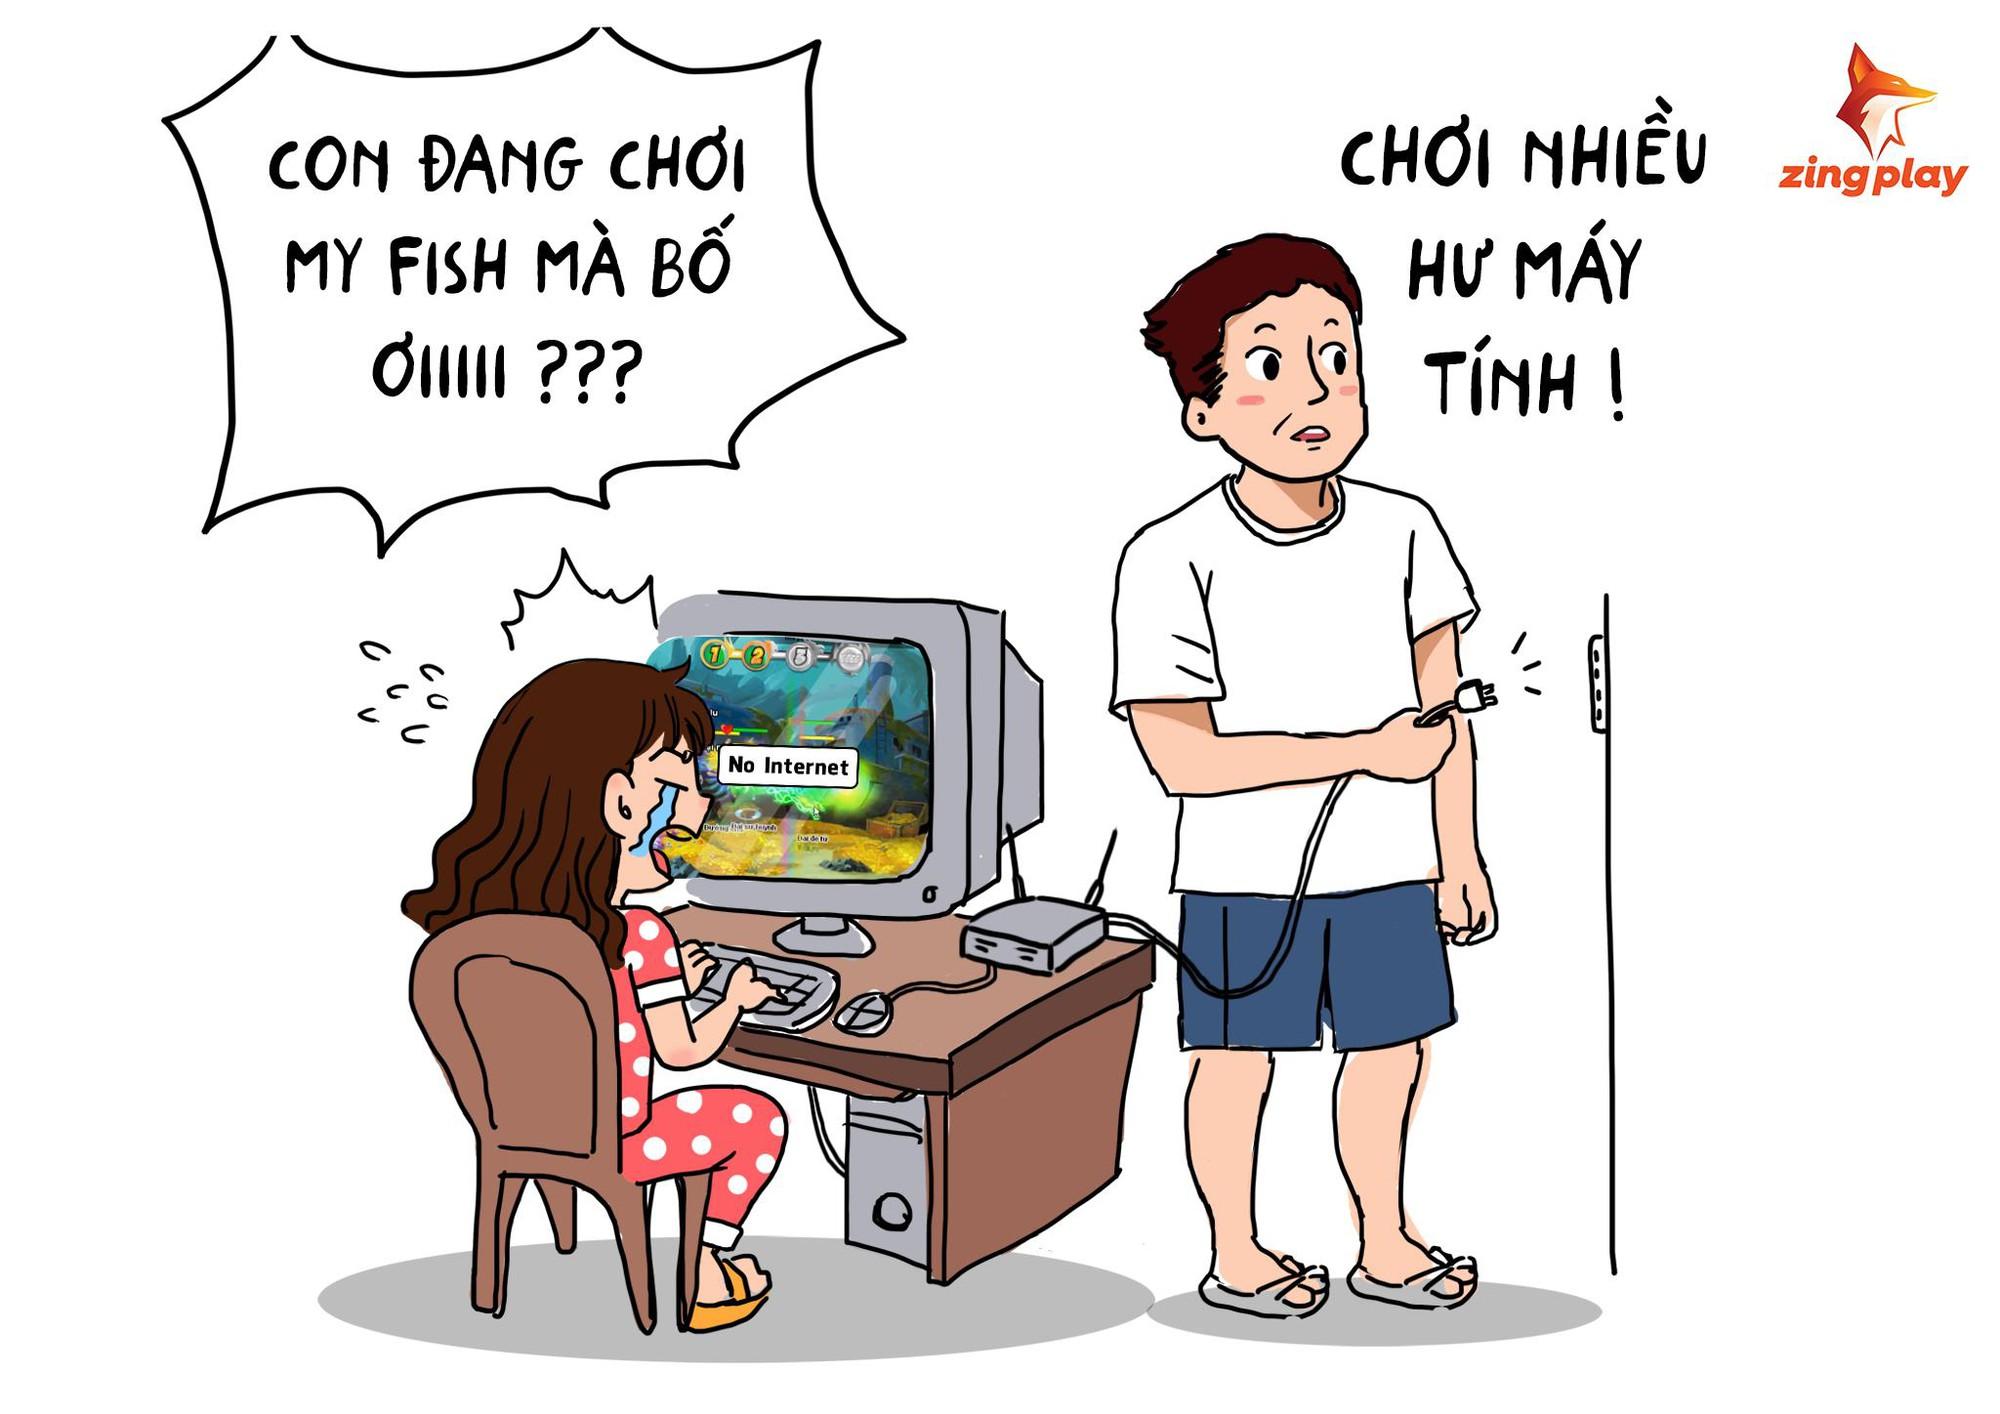 """Nhìn lại """"tuổi thơ dữ dội"""" của game thủ Việt bên cổng game giải trí ZingPlay - Ảnh 5."""